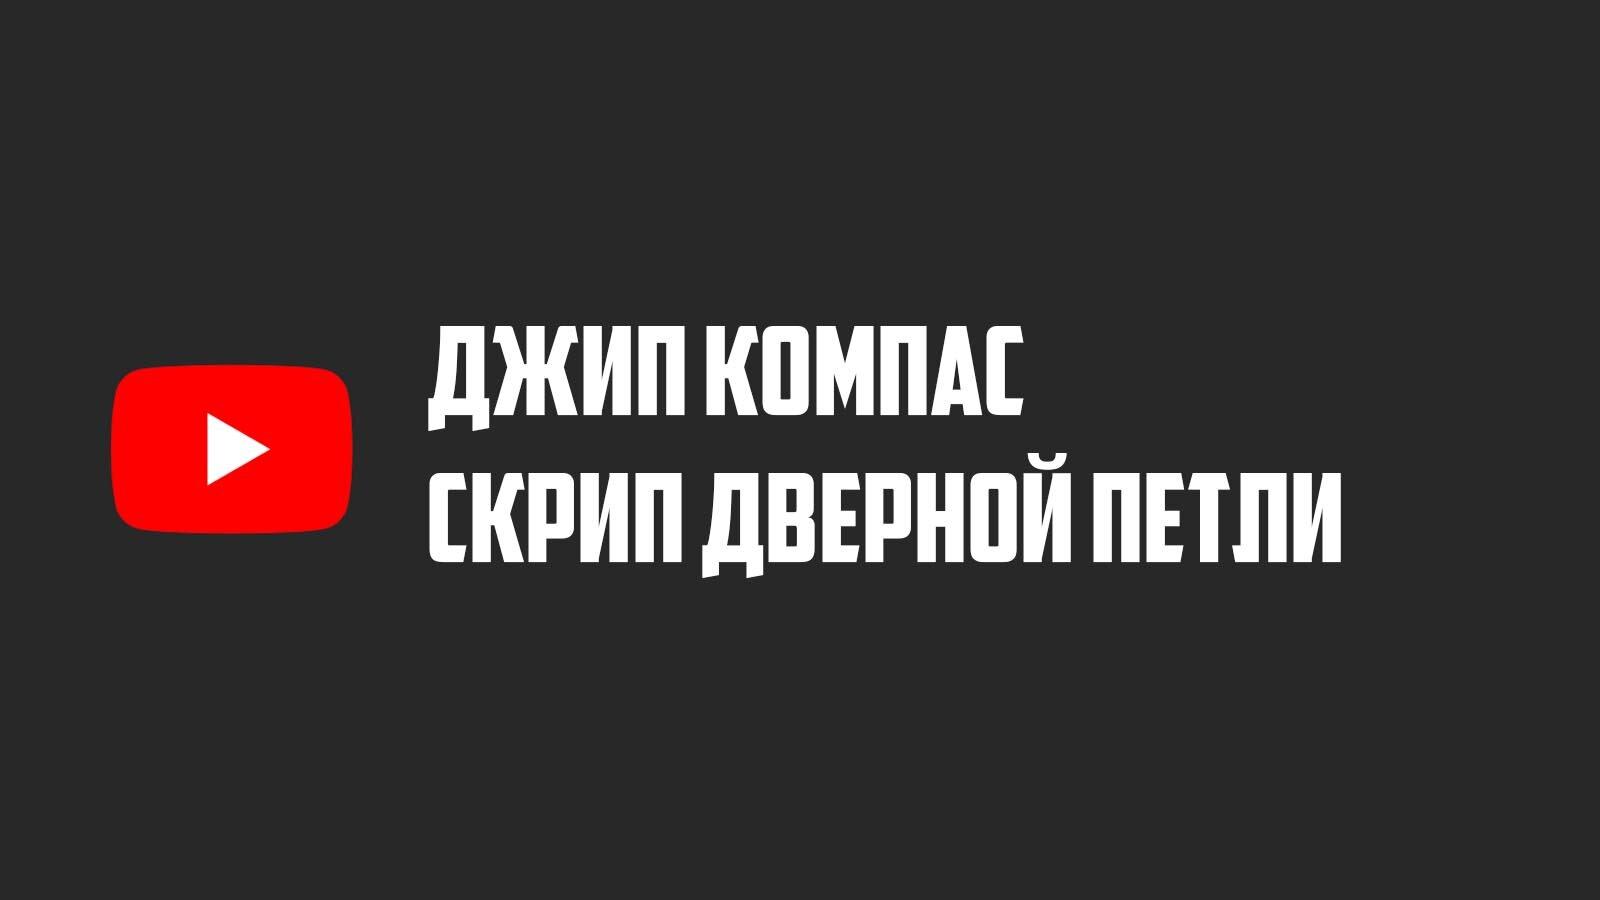 Скрип дверной петли Джип Компас